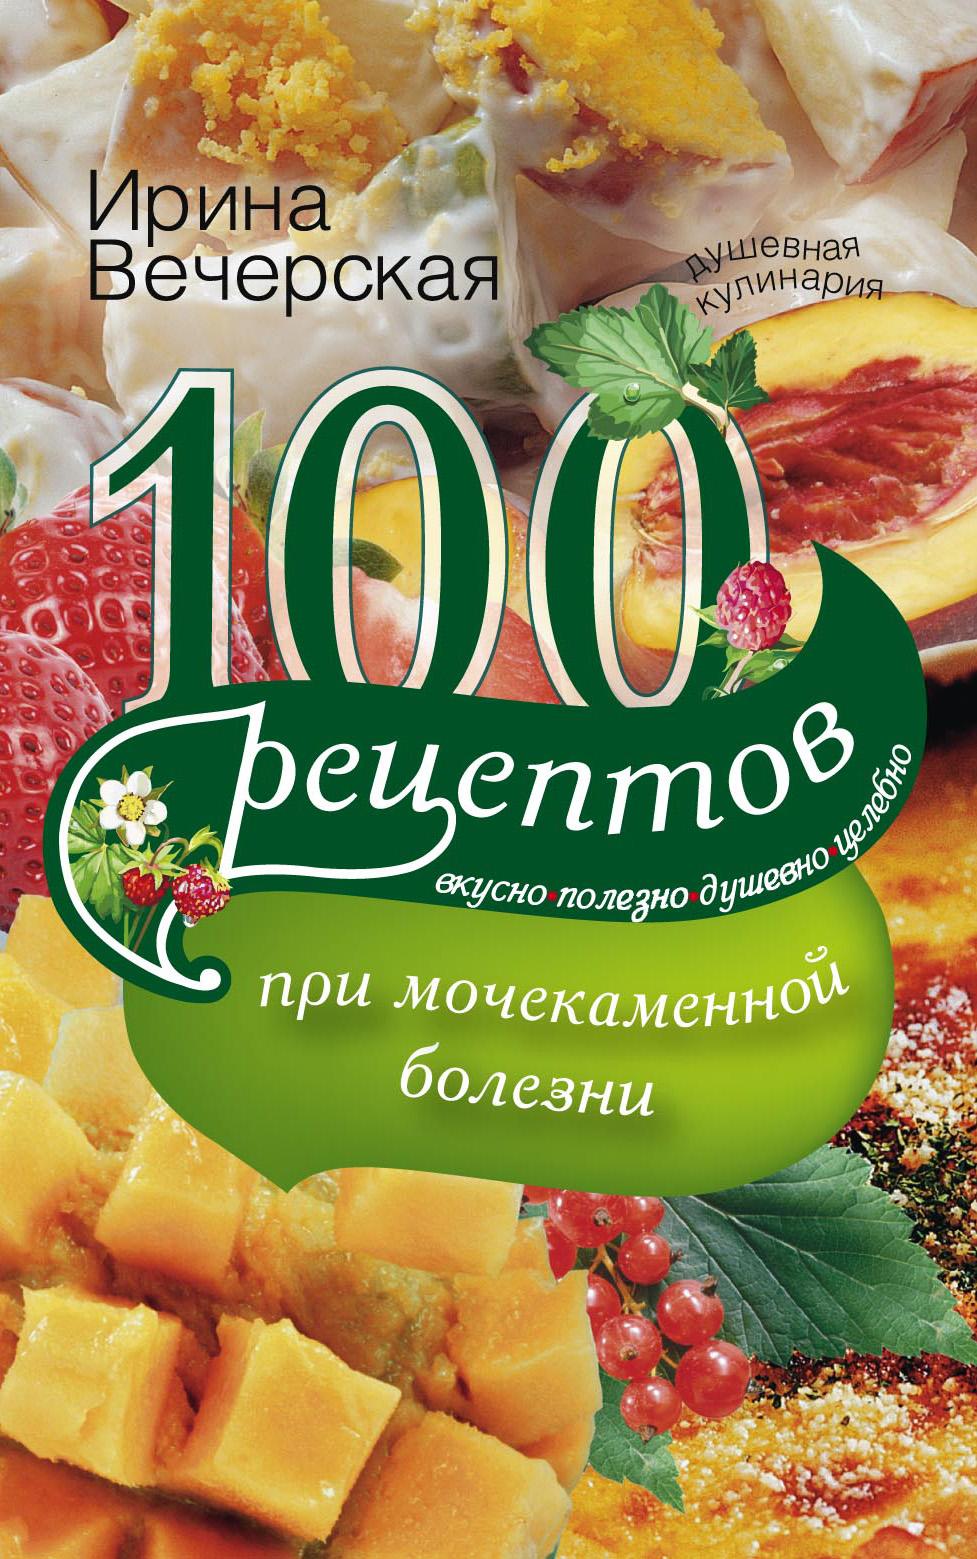 Ирина Вечерская 100 рецептов при мочекаменной болезни. Вкусно, полезно, душевно, целебно